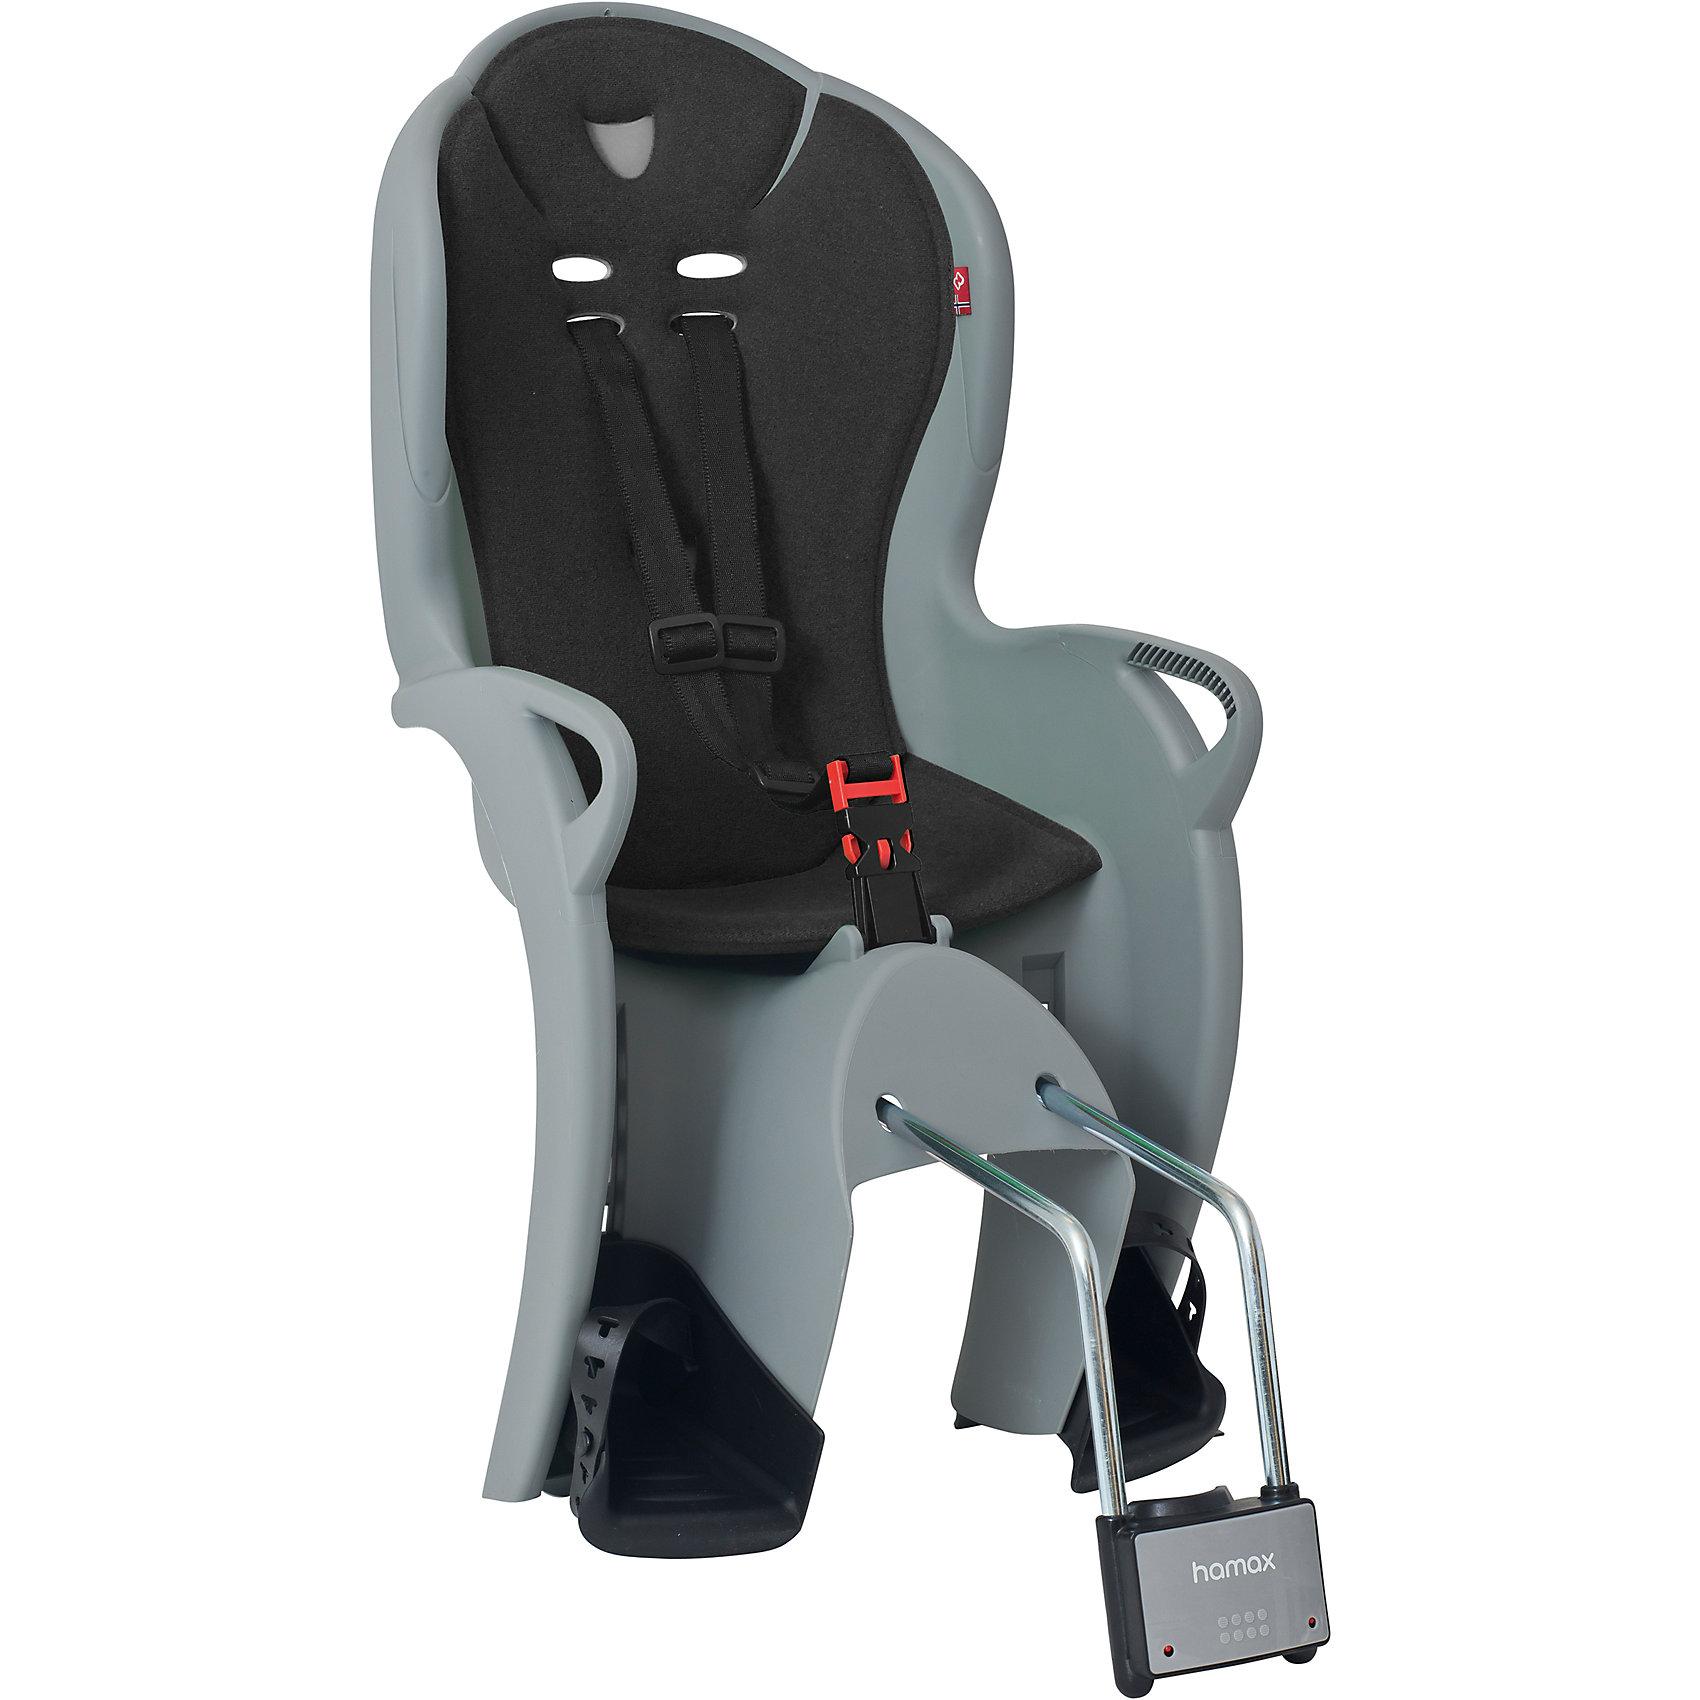 Детское велокресло Kiss, Hamax, серыйАксеcсуары для велосипедов<br>Характеристики товара:<br><br>• цвет: серый<br>• возраст: от 9 мес.<br>• ограничение по весу: до 22кг<br>• безопасный и простой монтаж<br>• регулируемый ремень безопасности и опоры<br>• пояс-пряжка не может быть открыт ребенком<br>• высокая задняя опора<br>• установка на раму с диаметром трубы 28-40 мм<br>• тросики в области крепления не помешают установке<br>• материал: полипропилен, текстиль, металл<br>• страна бренда: Польша<br>• вес: 3590гр<br>• размер: 38х79х35см<br><br>Функциональное и удобное велокресло Hamax Kiss обеспечит комфорт и безопасность вашему ребенку во время велопрогулок.<br><br>Hamax рекомендует, что ребенок должен всегда носить шлем при использовании детского сиденья.<br><br>Детское велокресло Kiss, Hamax, серый можно купить в нашем интернет-магазине.<br><br>Ширина мм: 380<br>Глубина мм: 790<br>Высота мм: 350<br>Вес г: 3590<br>Возраст от месяцев: 9<br>Возраст до месяцев: 48<br>Пол: Унисекс<br>Возраст: Детский<br>SKU: 5582598